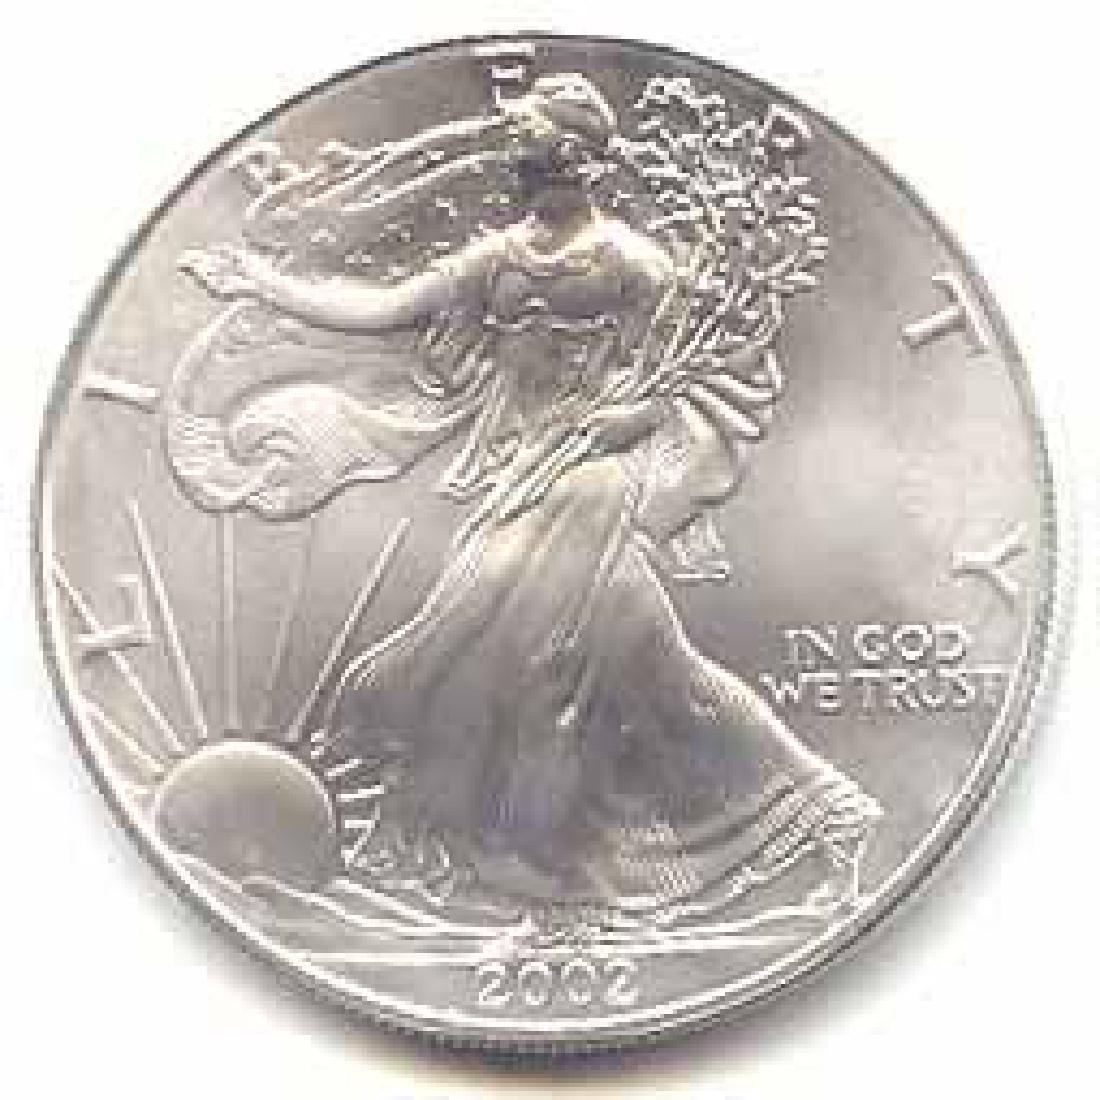 2002 1 oz Silver American Eagle BU